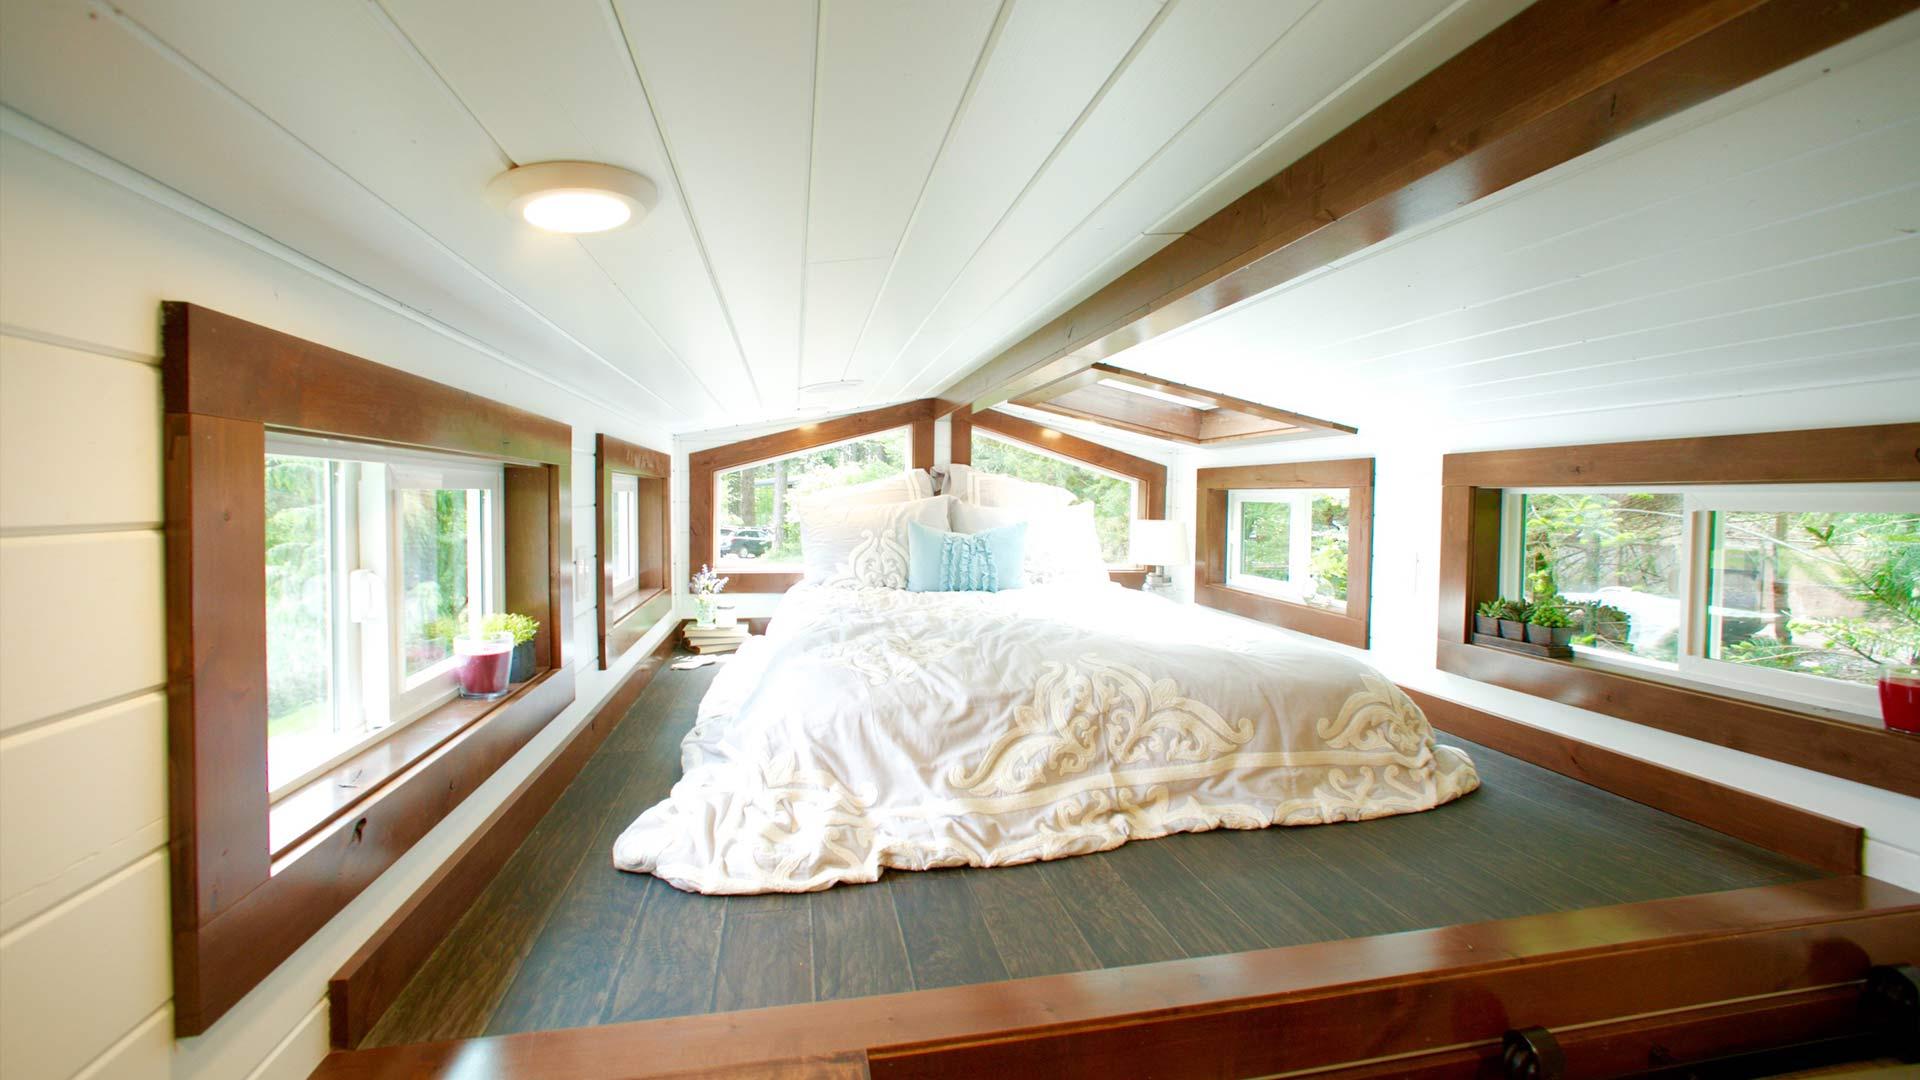 Los detalles y los diseños más caros y personalizados también pueden tener su hueco en hogares diminutos